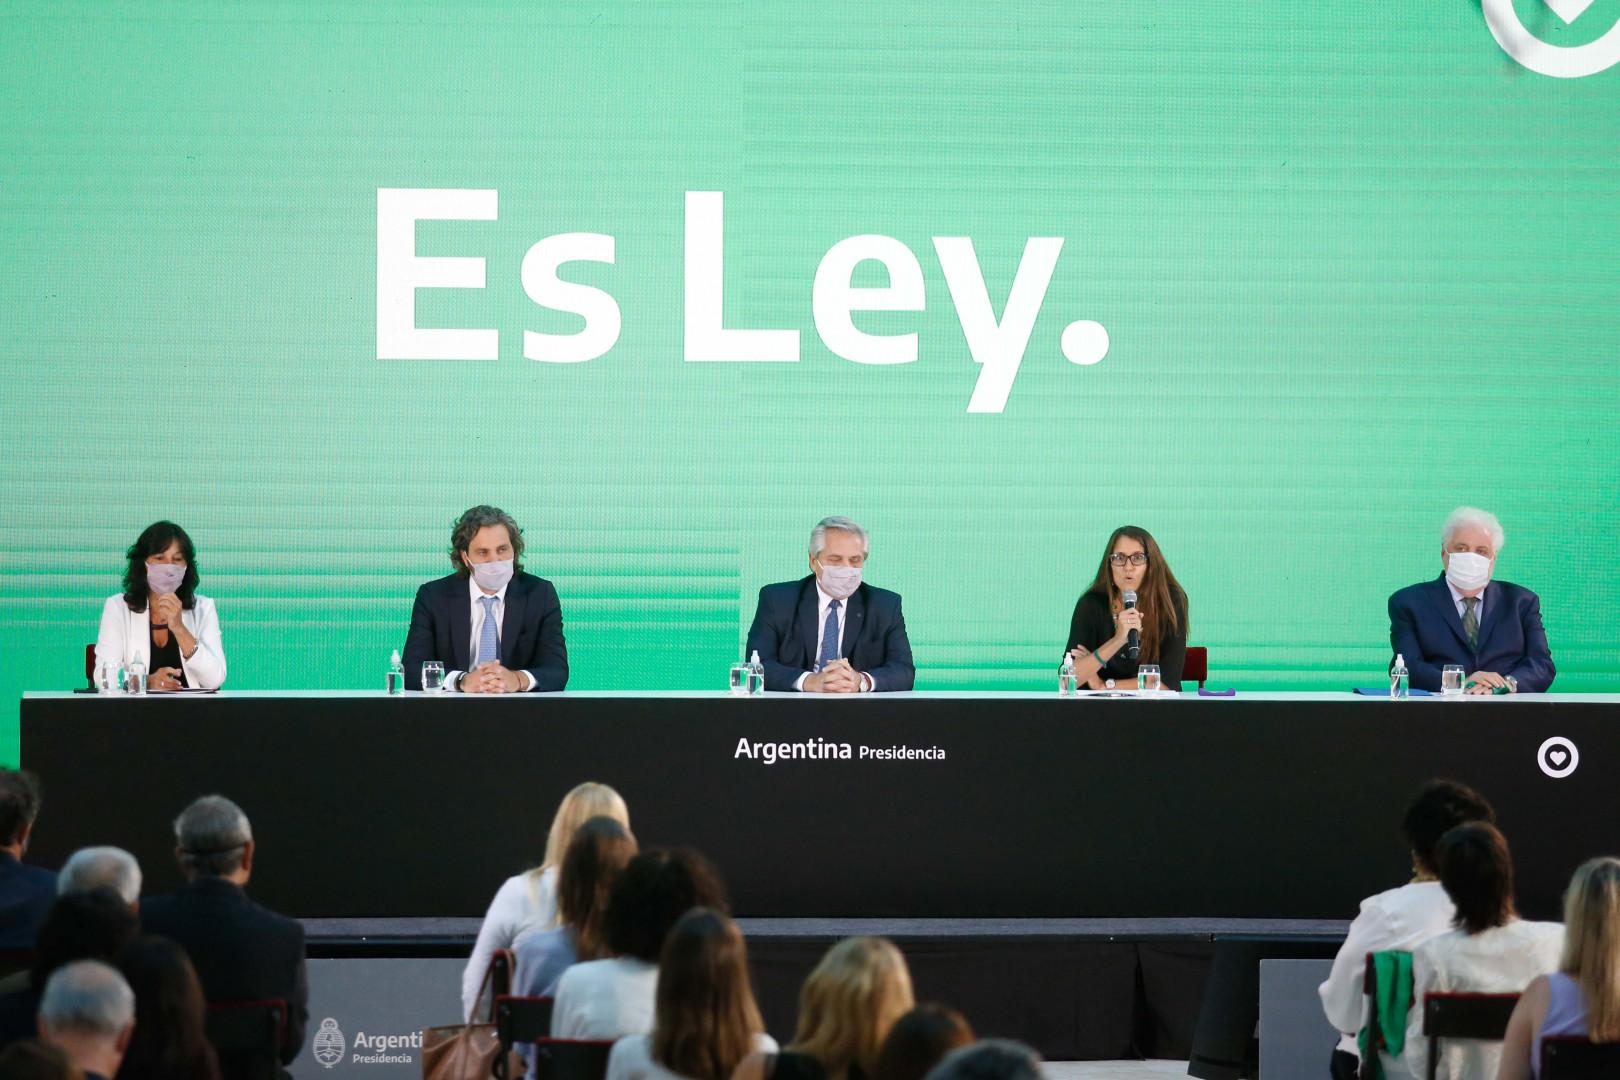 El ministro participó en el acto de promulgación de las leyes de IVE y del Cuidado  Integral de la Salud durante el Embarazo y la Primera Infancia |  Argentina.gob.ar